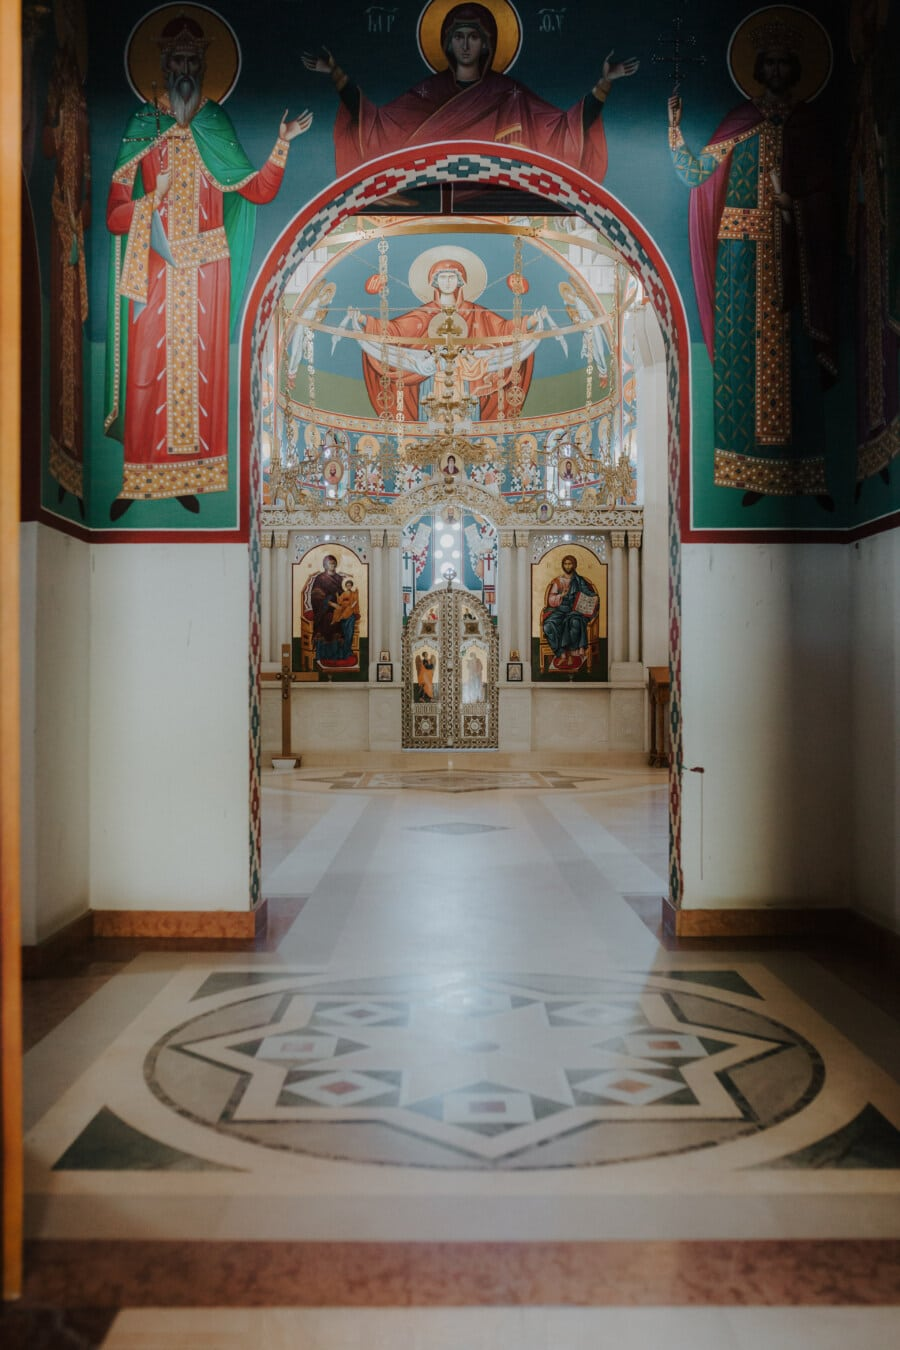 passerelle, autel, orthodoxe, église, peinture murale, mur, structure, religion, architecture, à l'intérieur